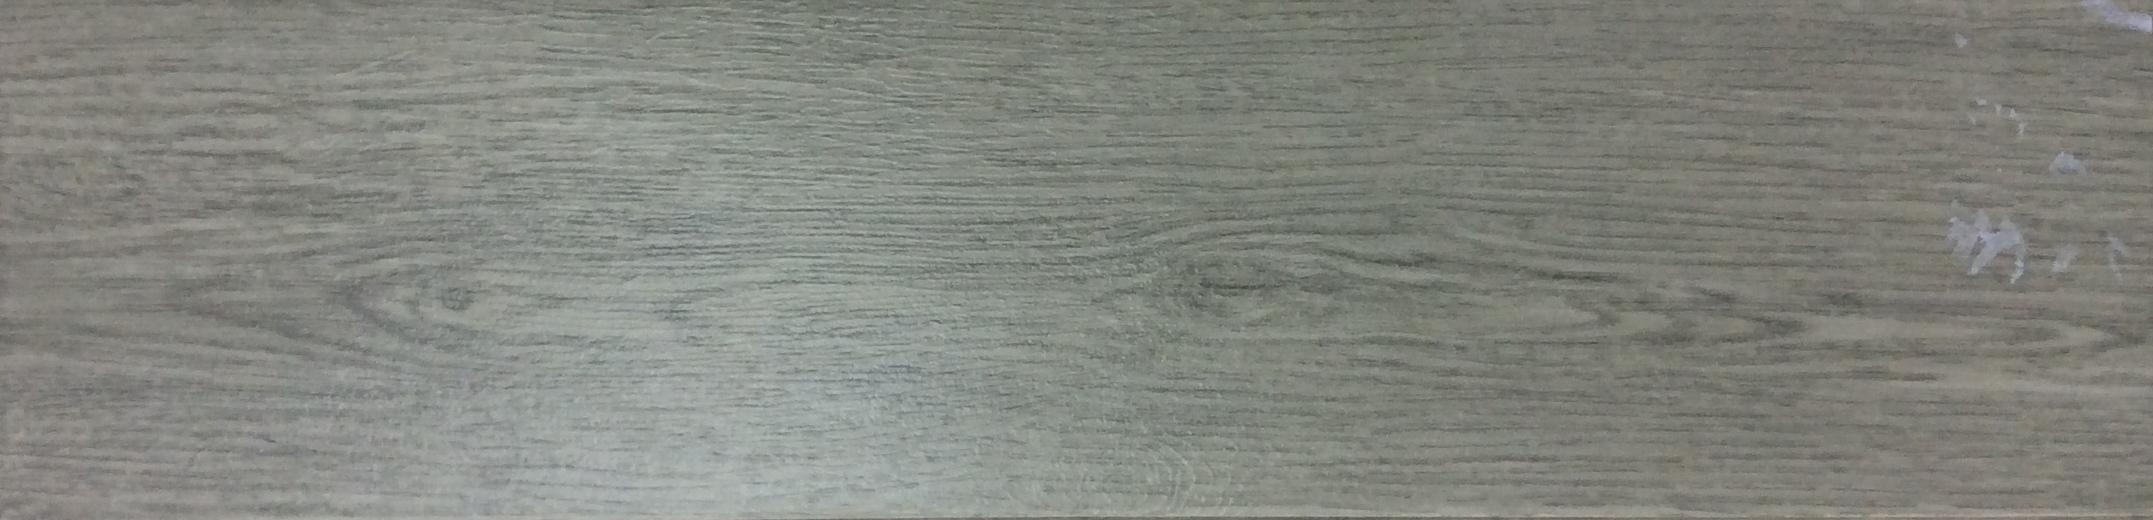 กระเบื้องลายไม้ 15x60 cm รุ่น VHH-06009